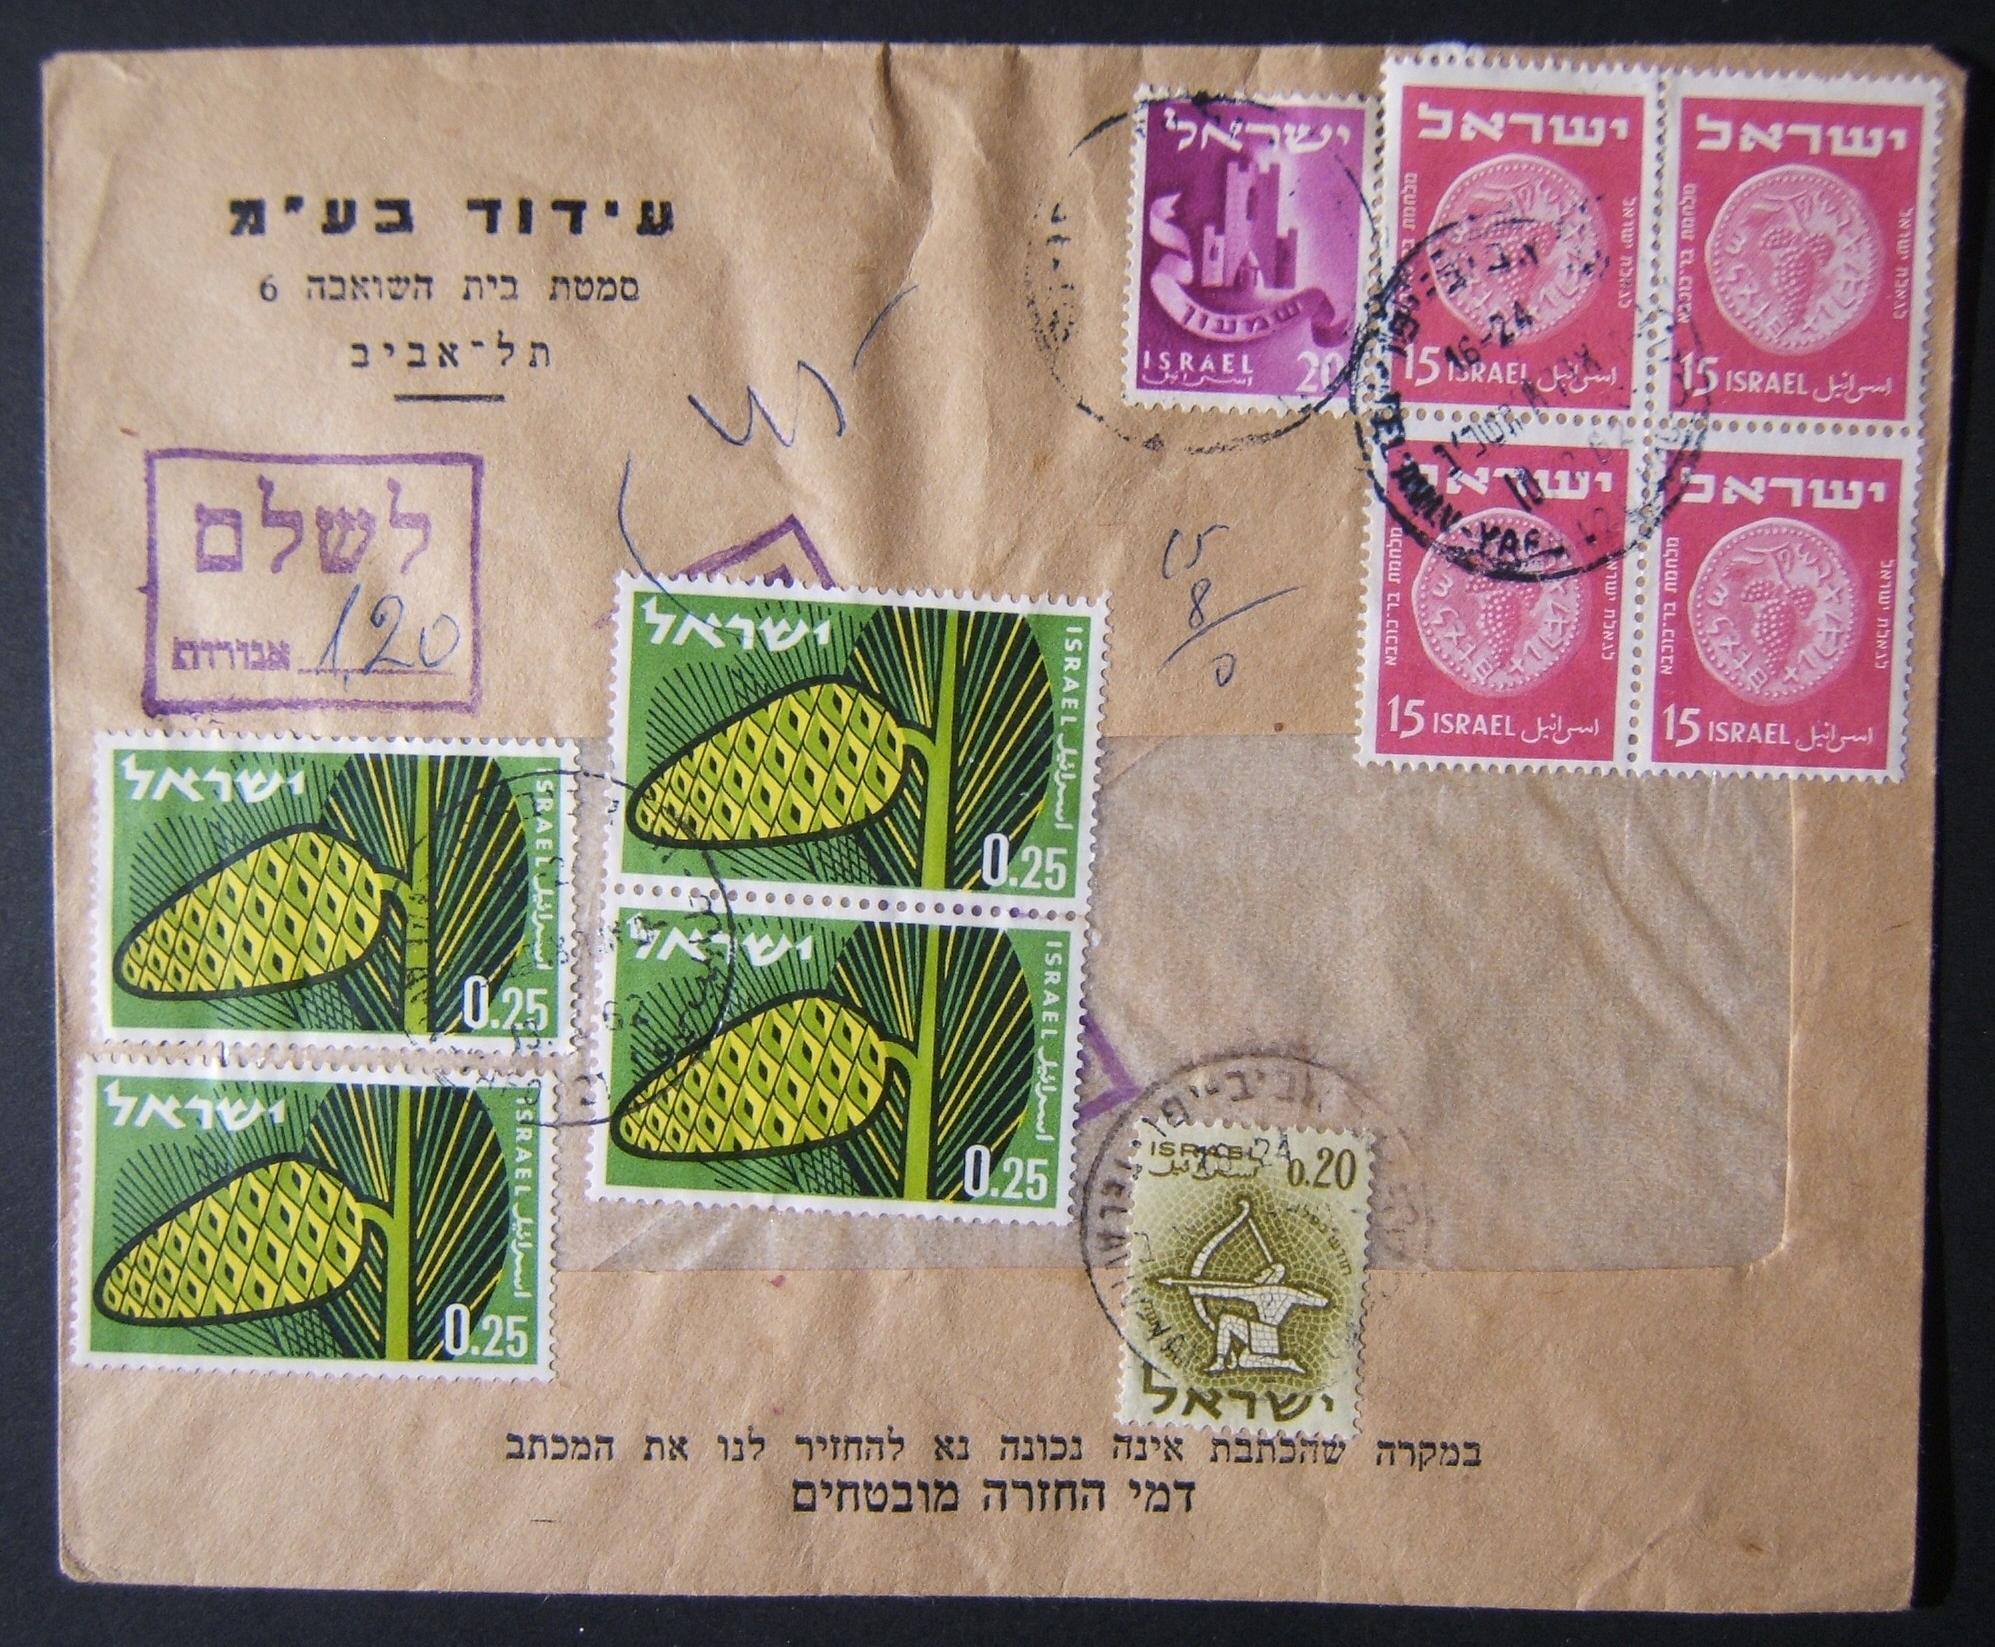 1962 מטבע מעורב חזר דואר פורסם עם Pruta franking ומס במס אגורות